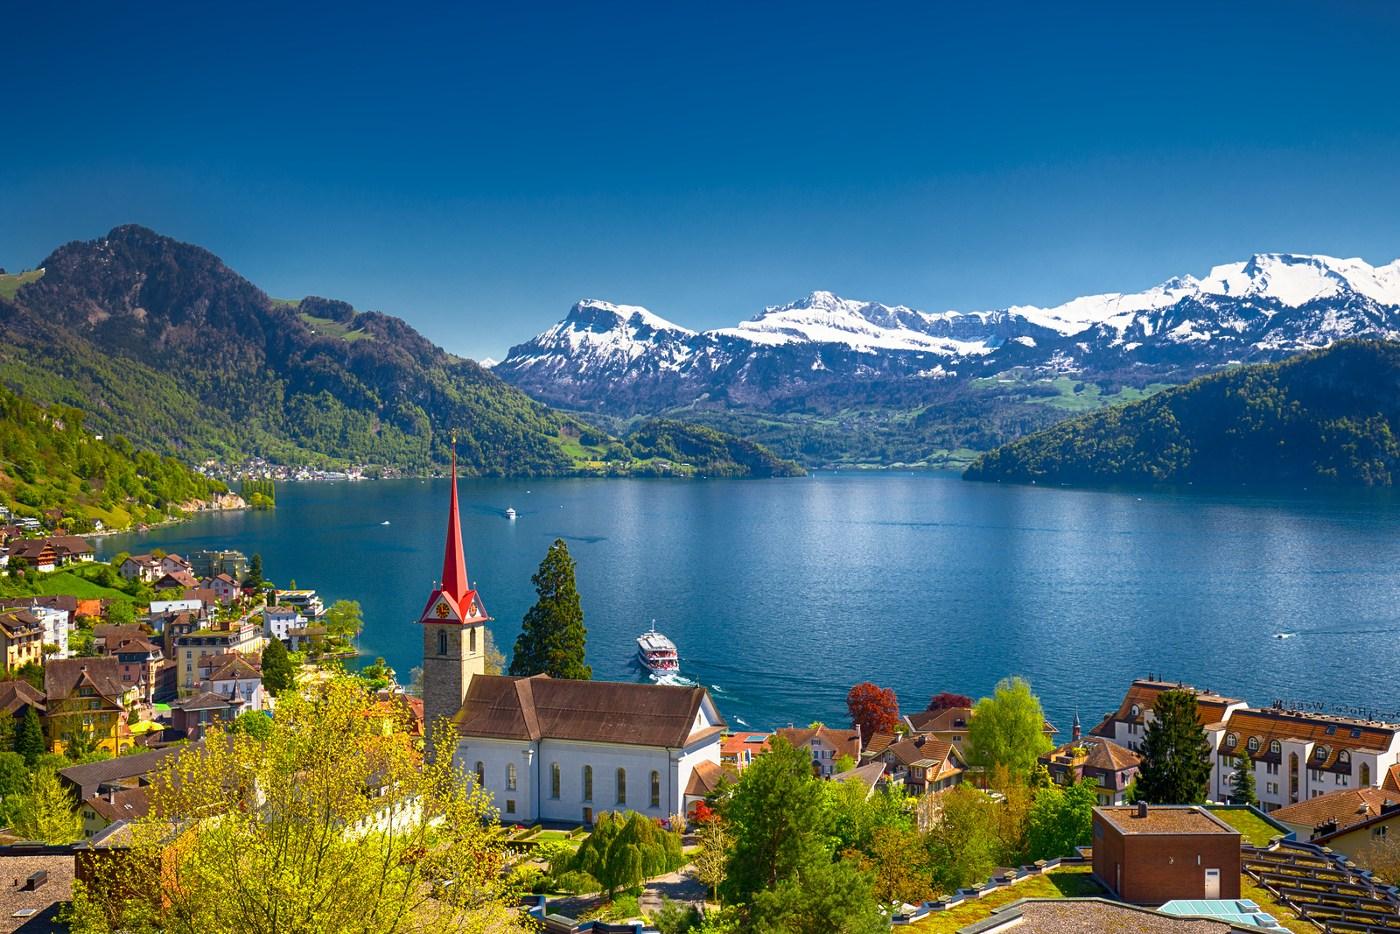 Diving Lake Lucerne